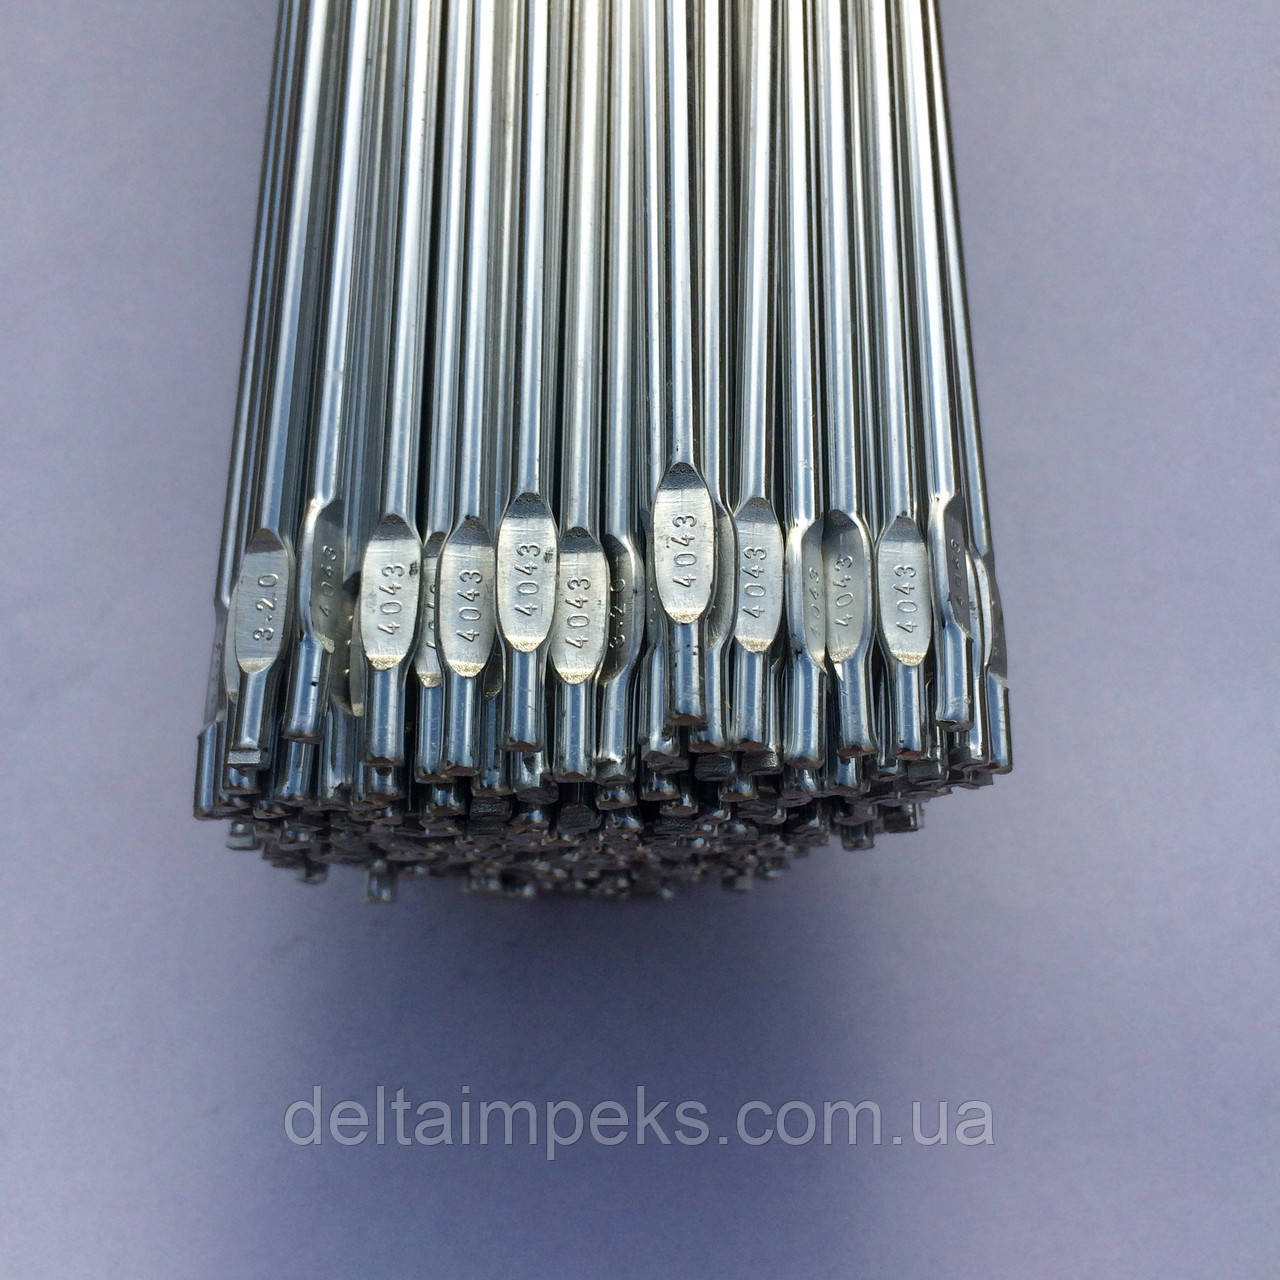 Алюмінієвий Пруток ER 4043 2,0 мм